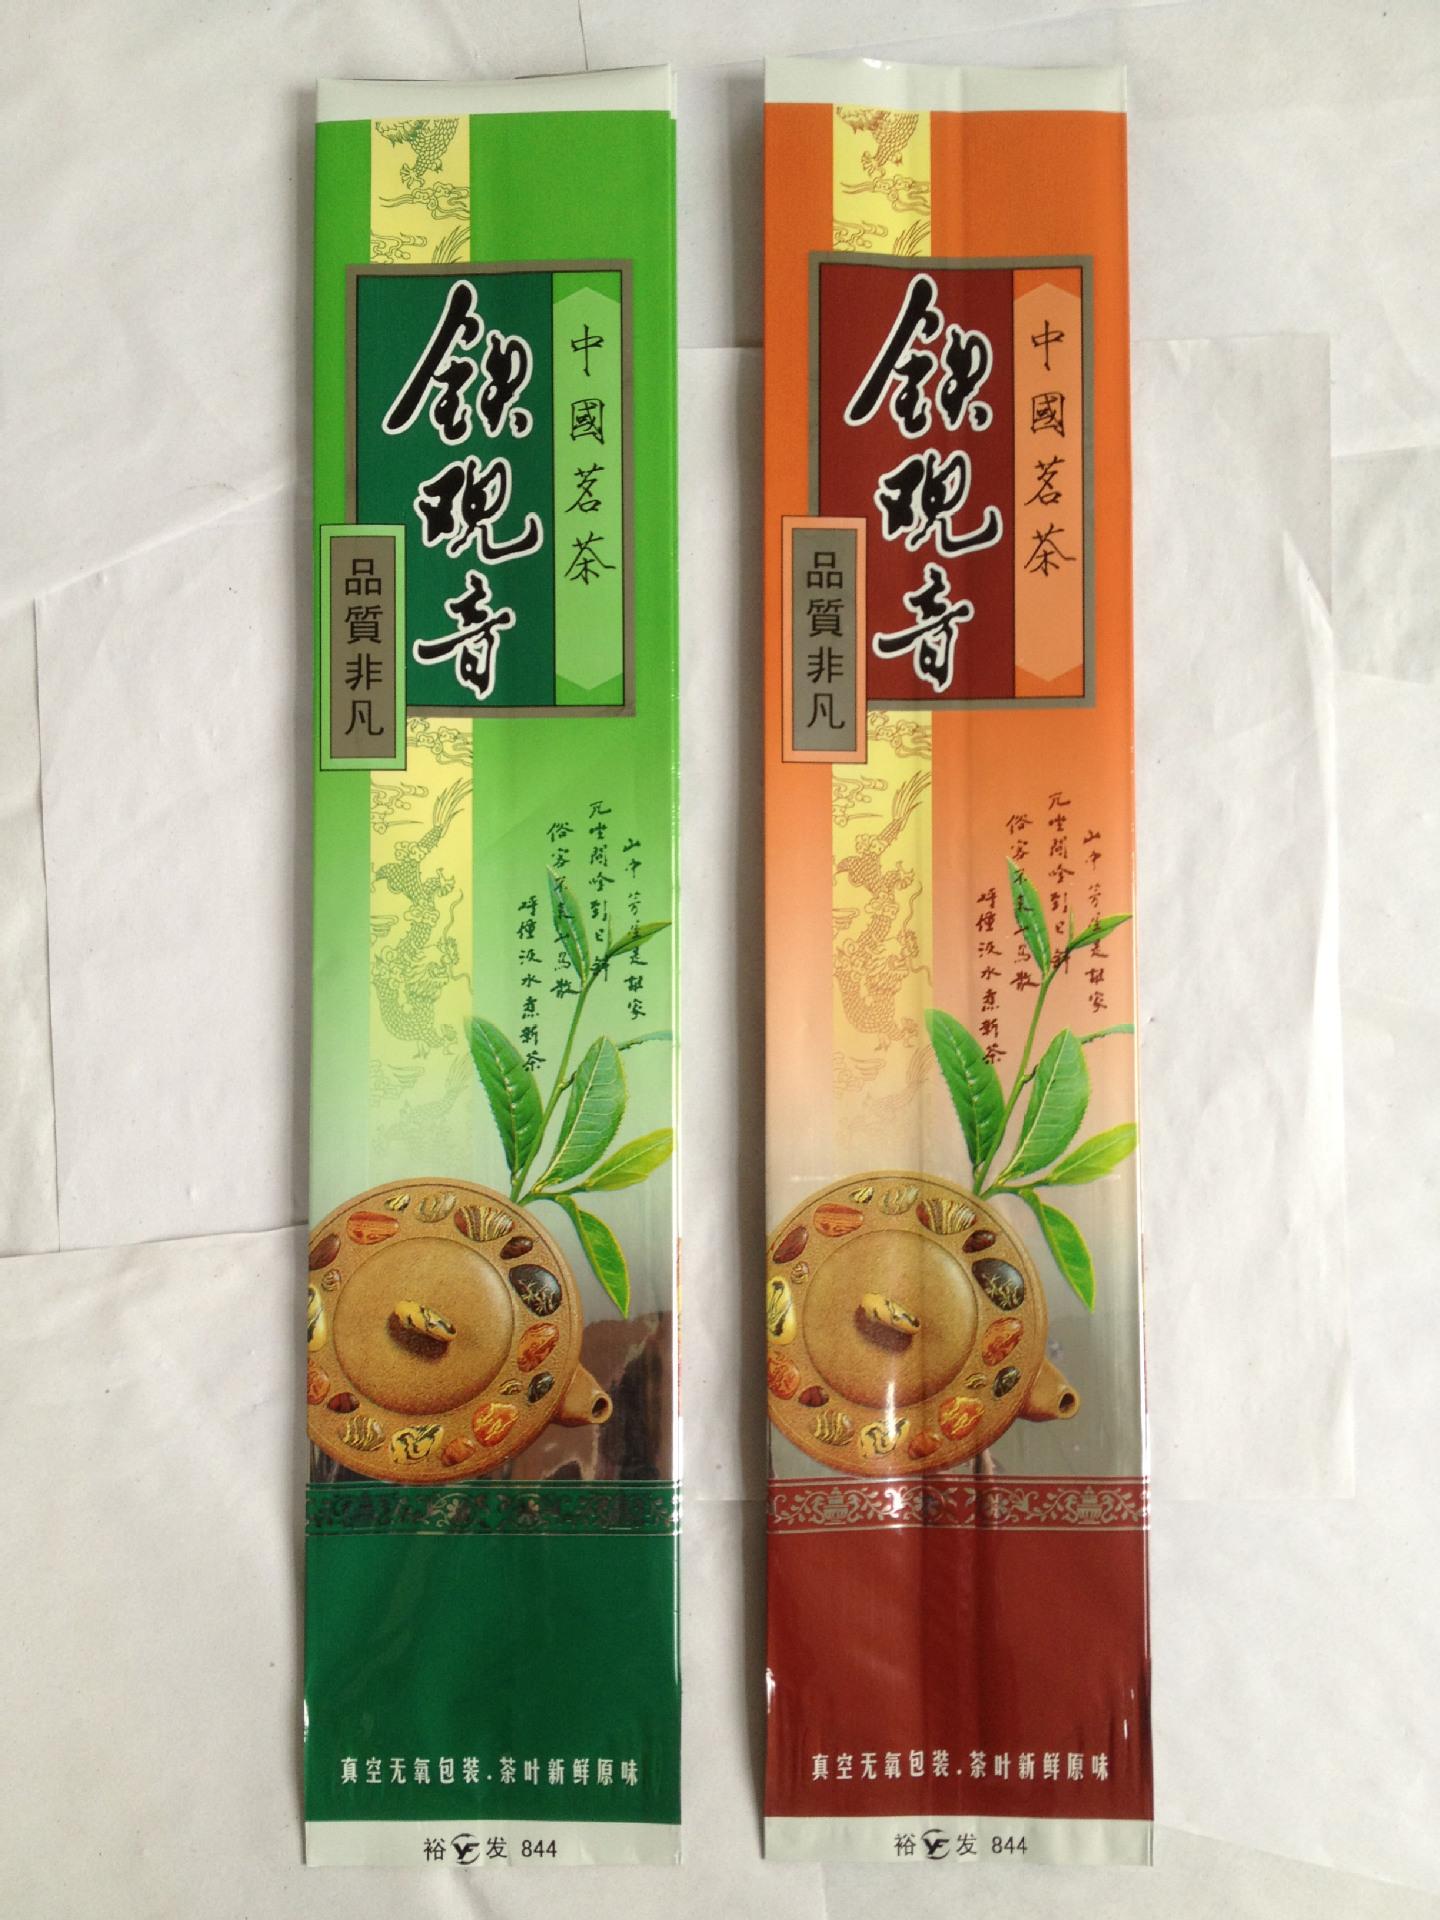 厂家优质直销 茶叶包装袋 真空茶叶包装袋 质量保证 欢迎洽谈